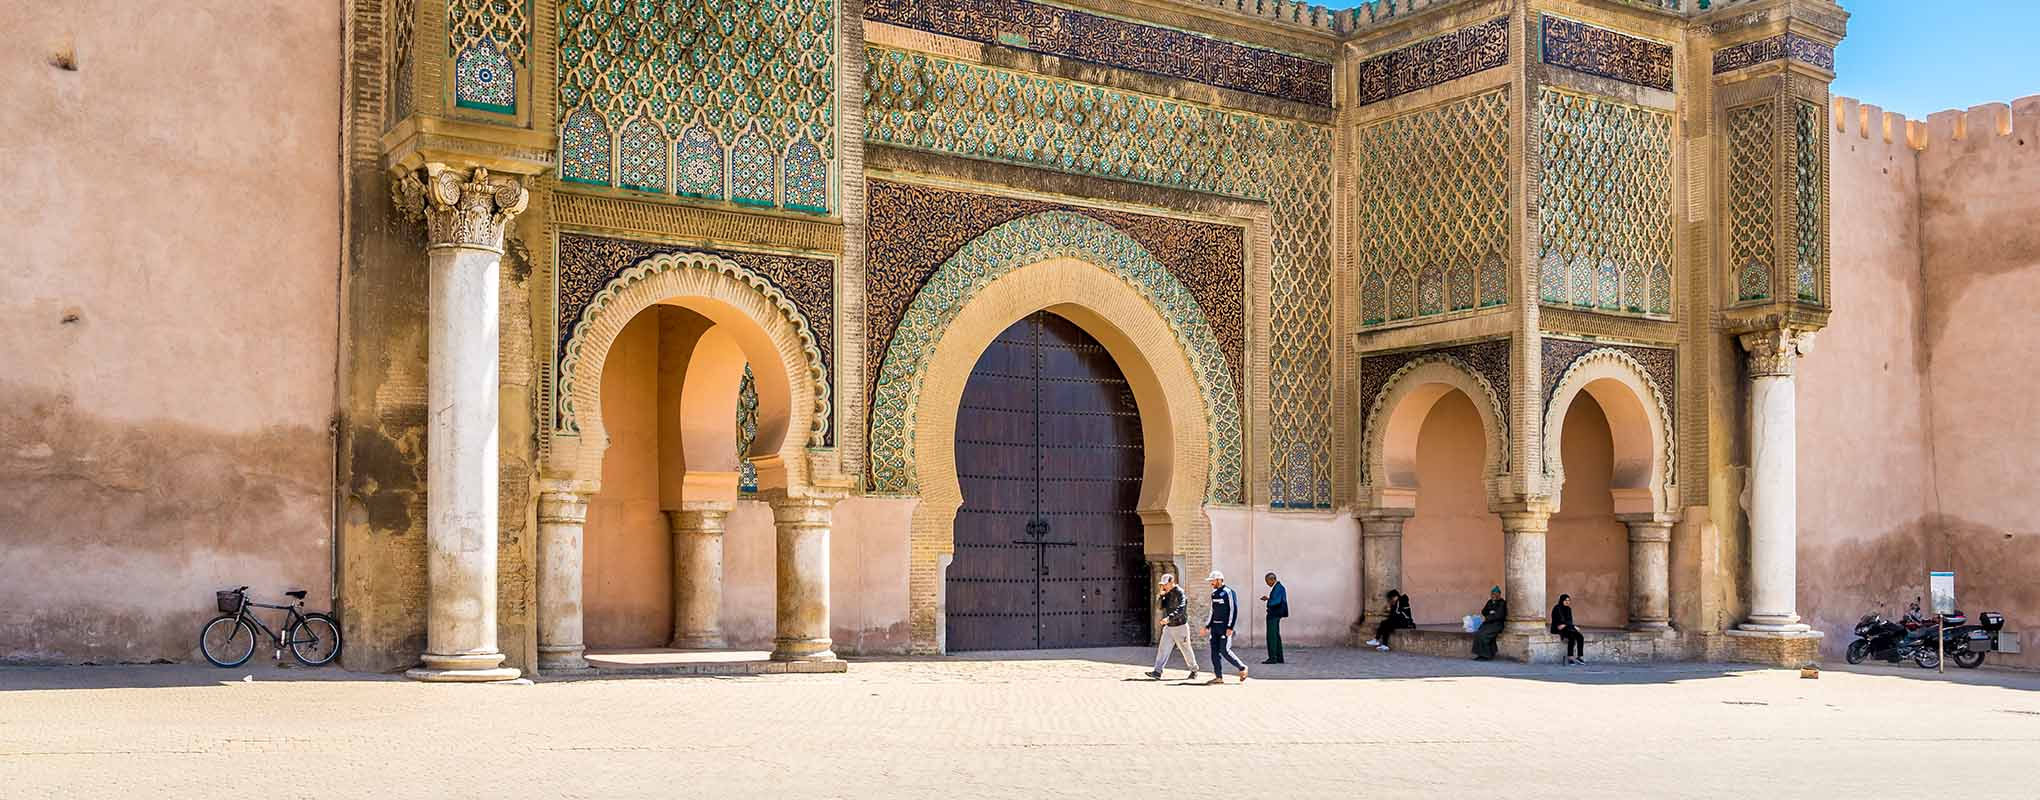 Meknes ciudad imperial de Marruecos